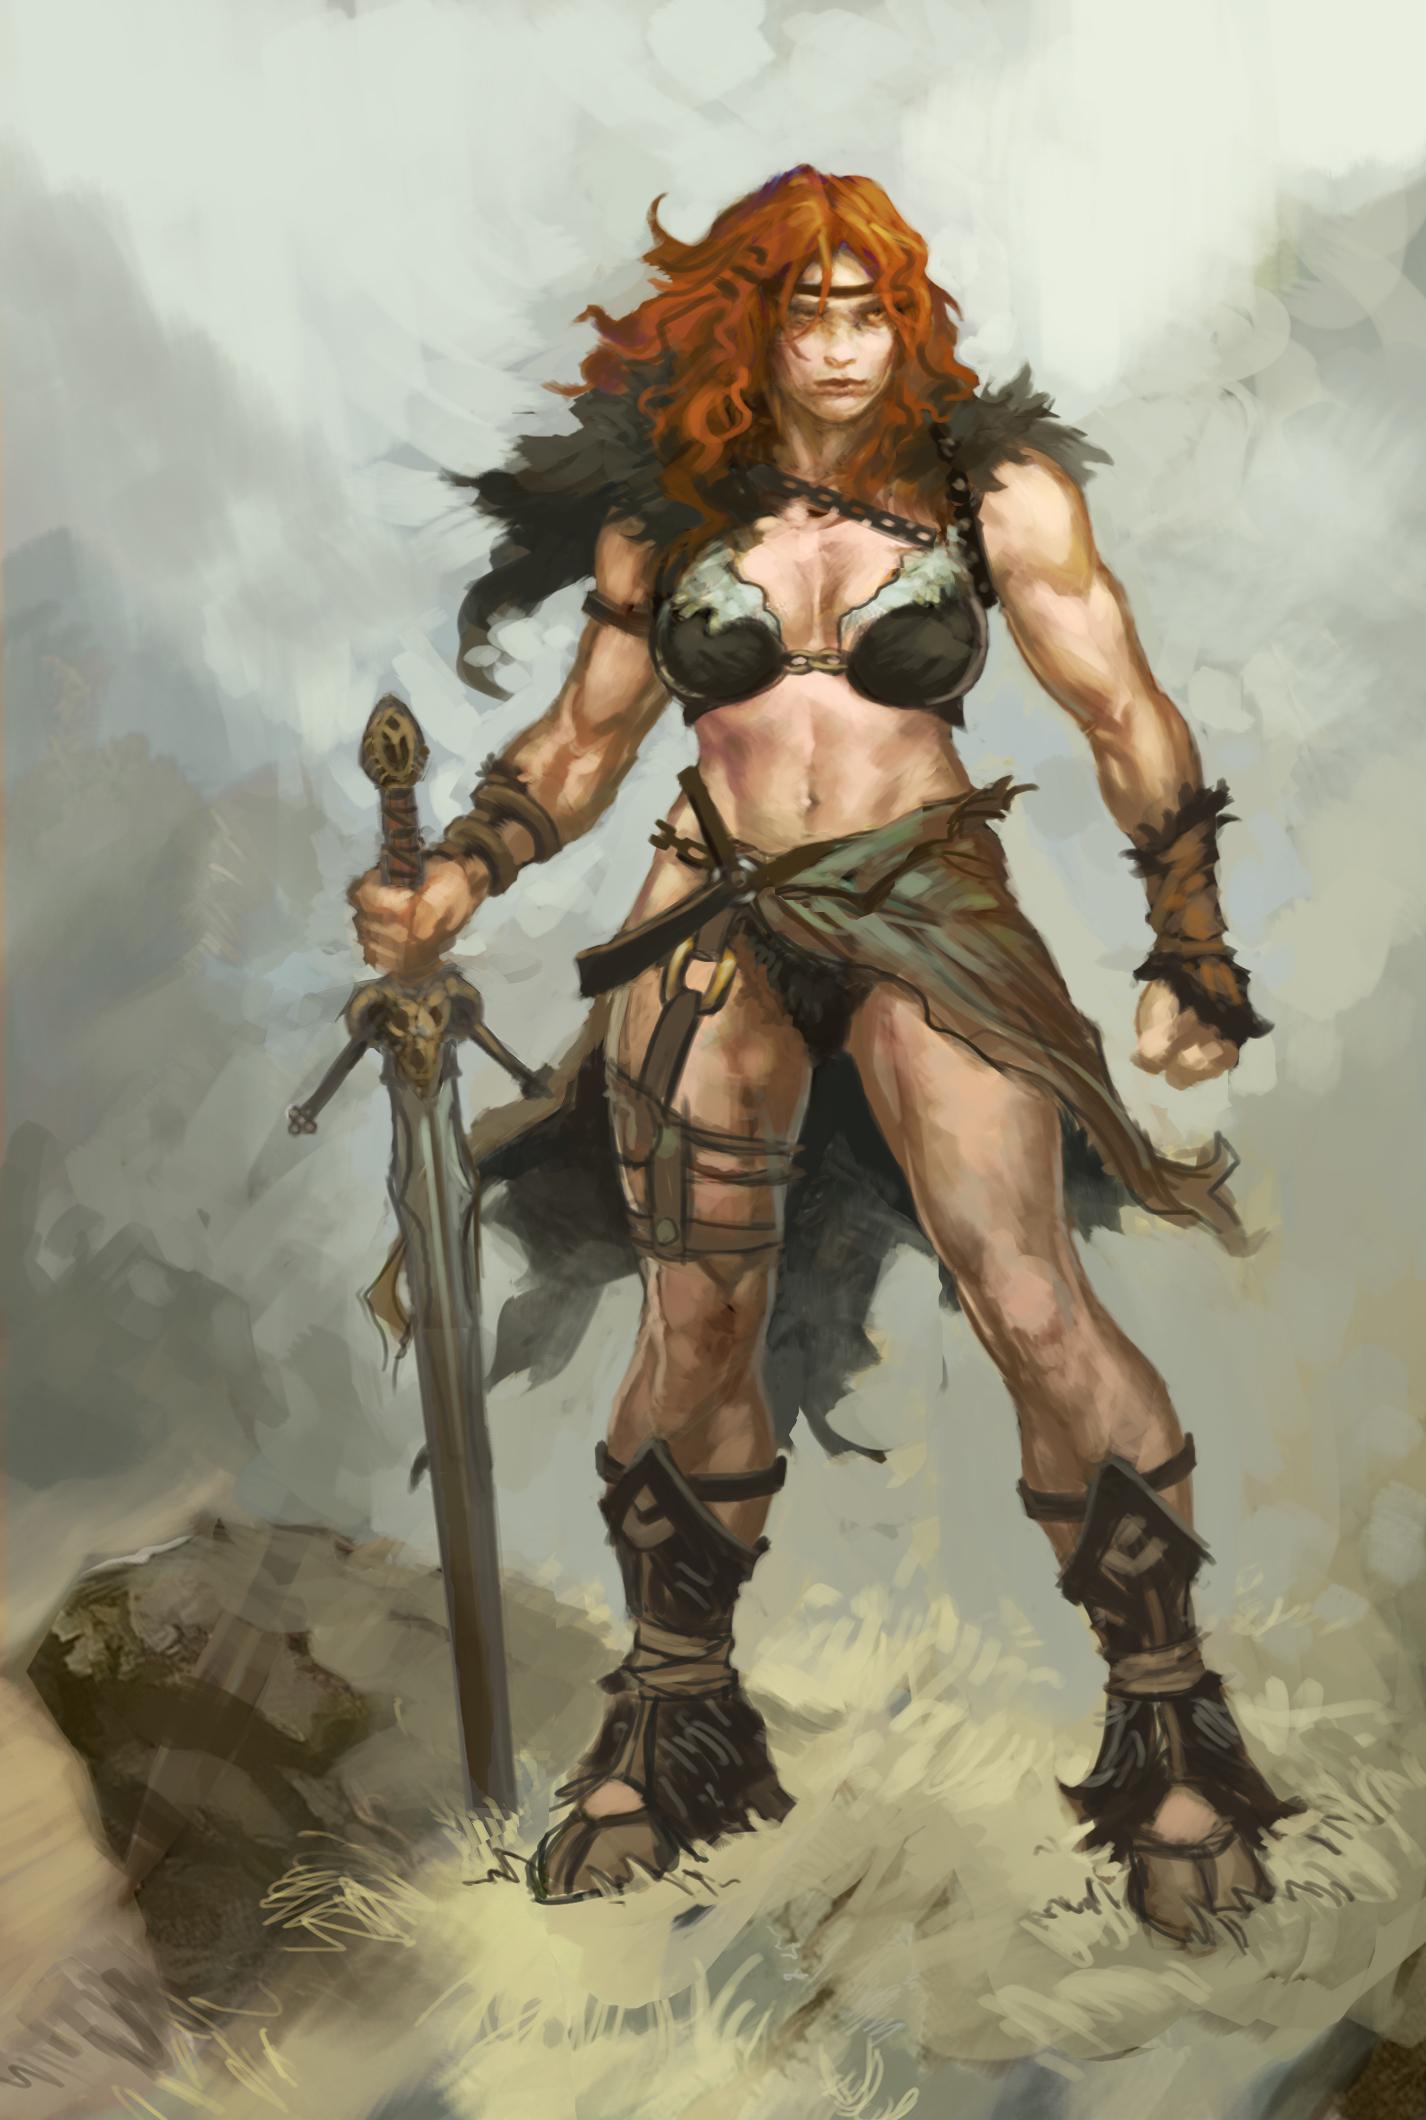 Free barbarian pics nude — img 3